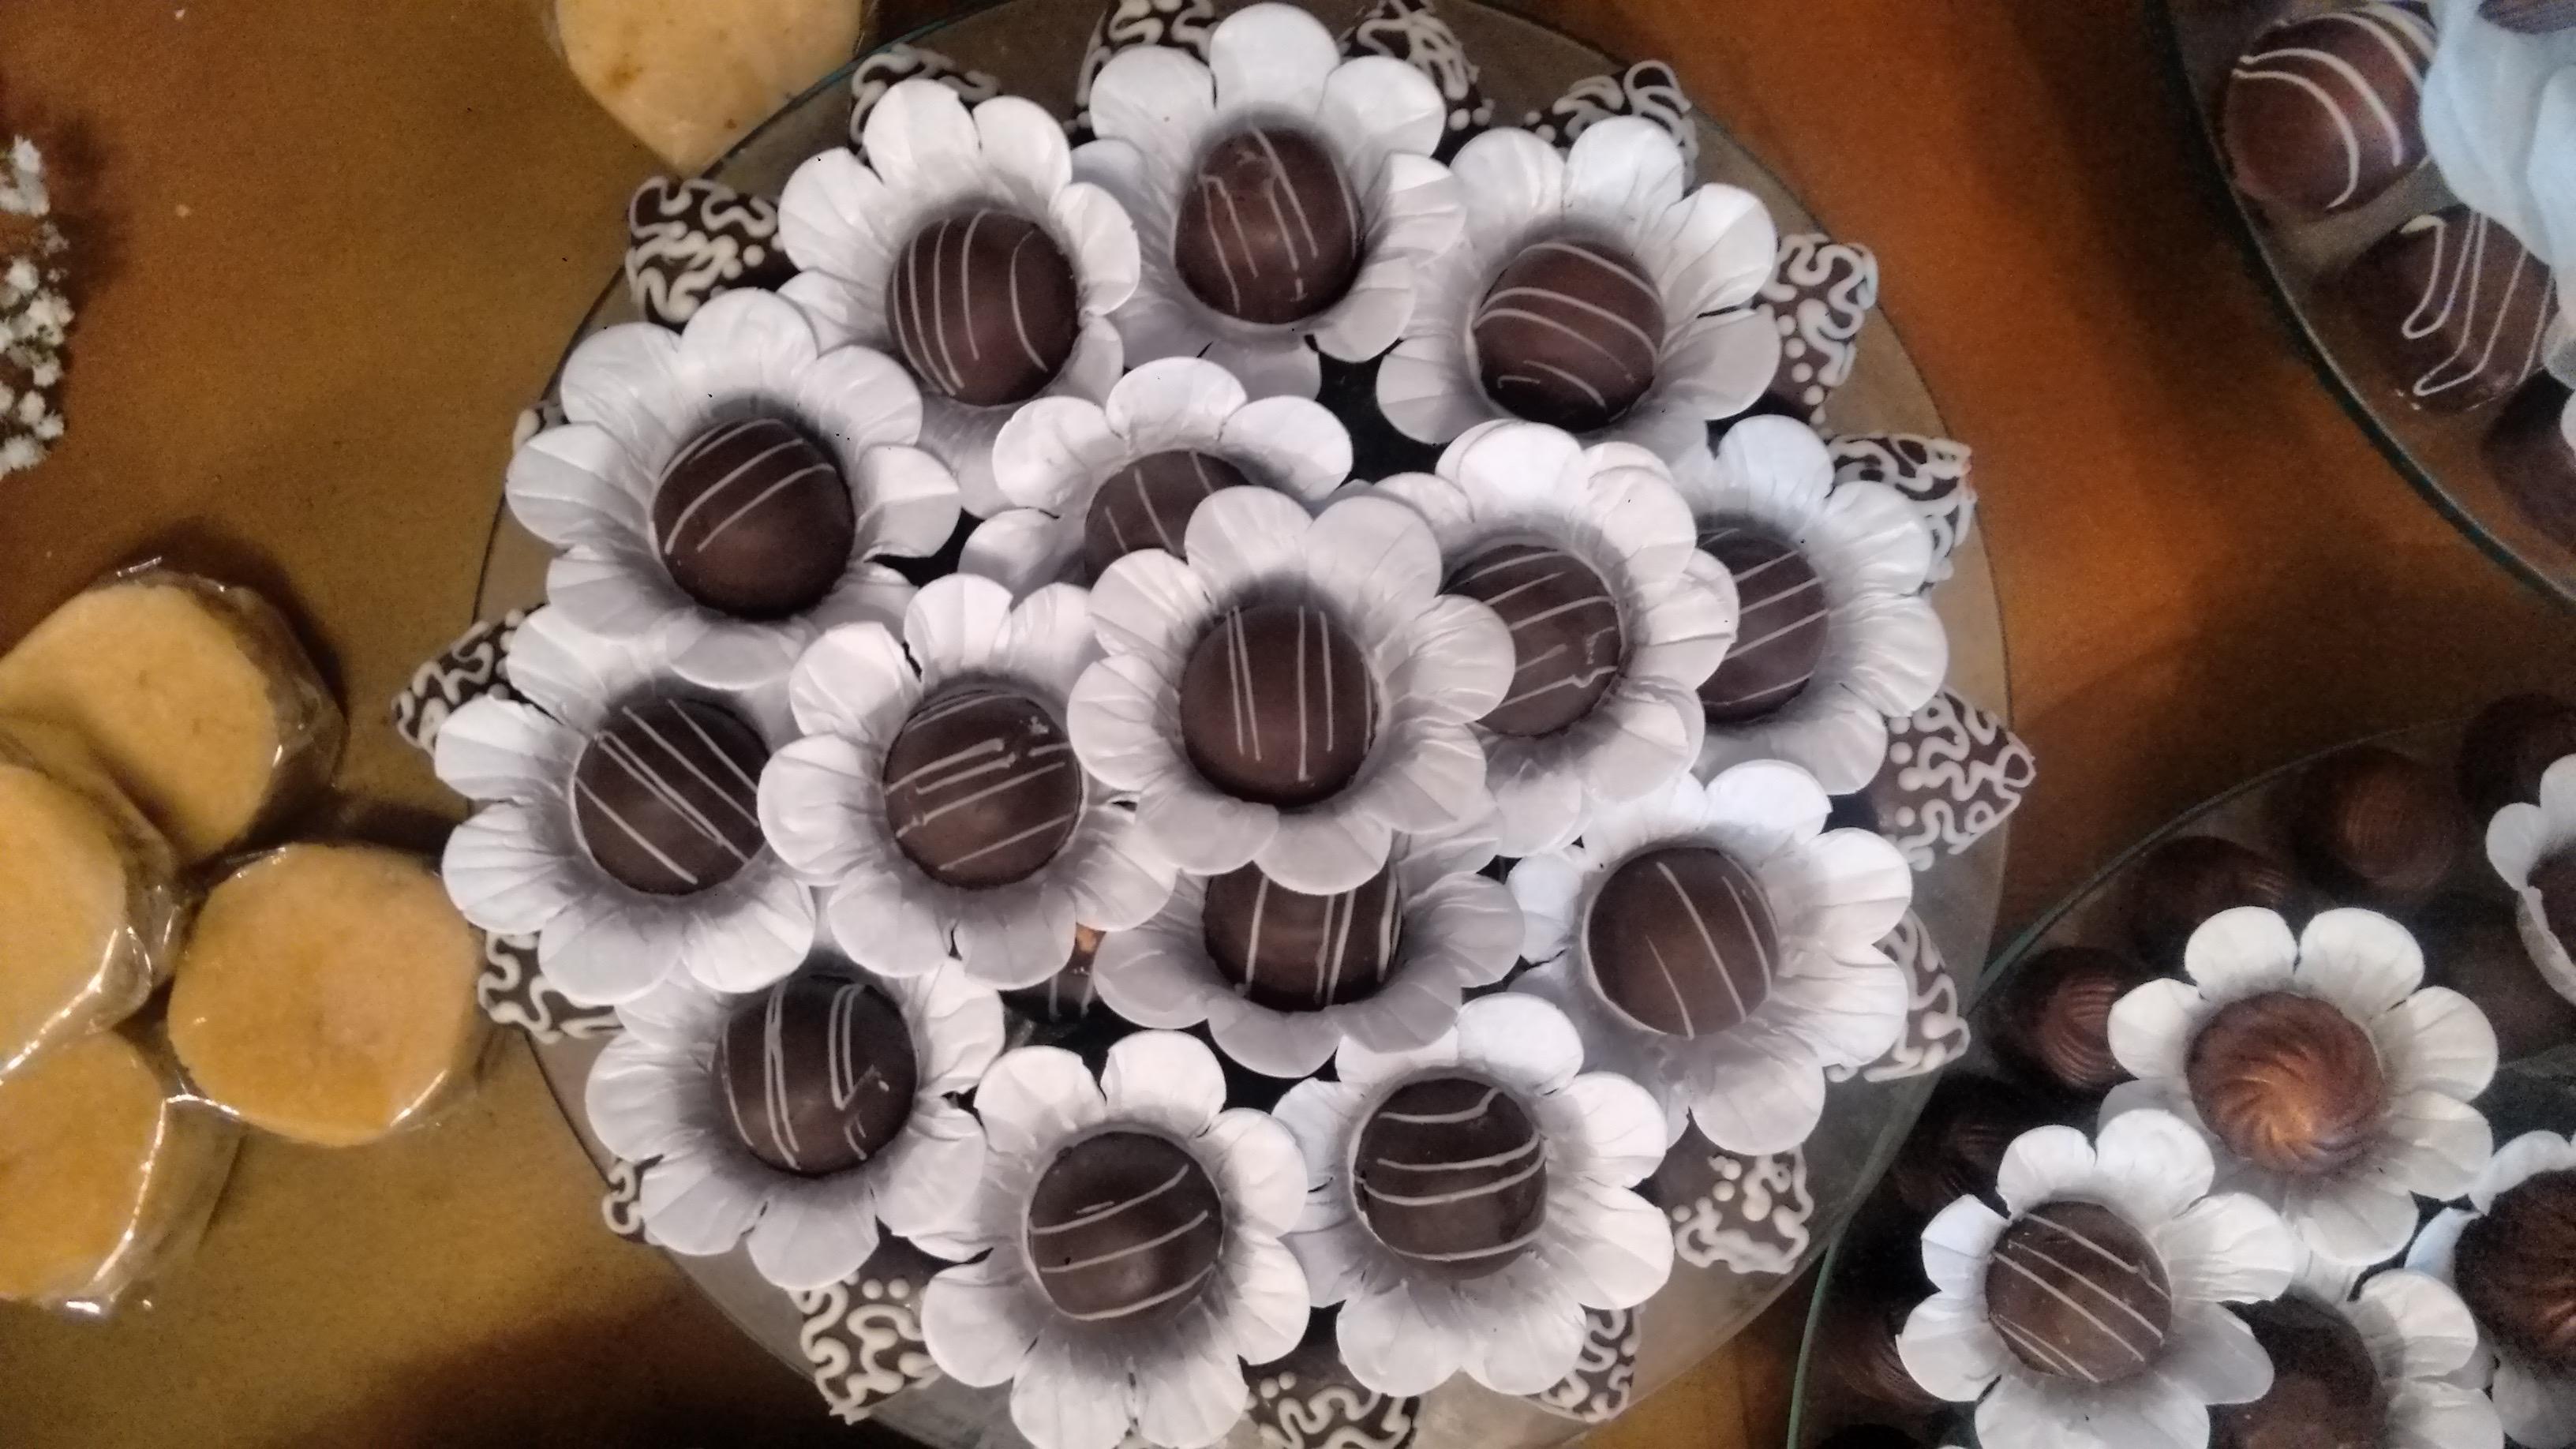 50 Bombons finos crocantes decorados de R$45 por apenas R$27,90